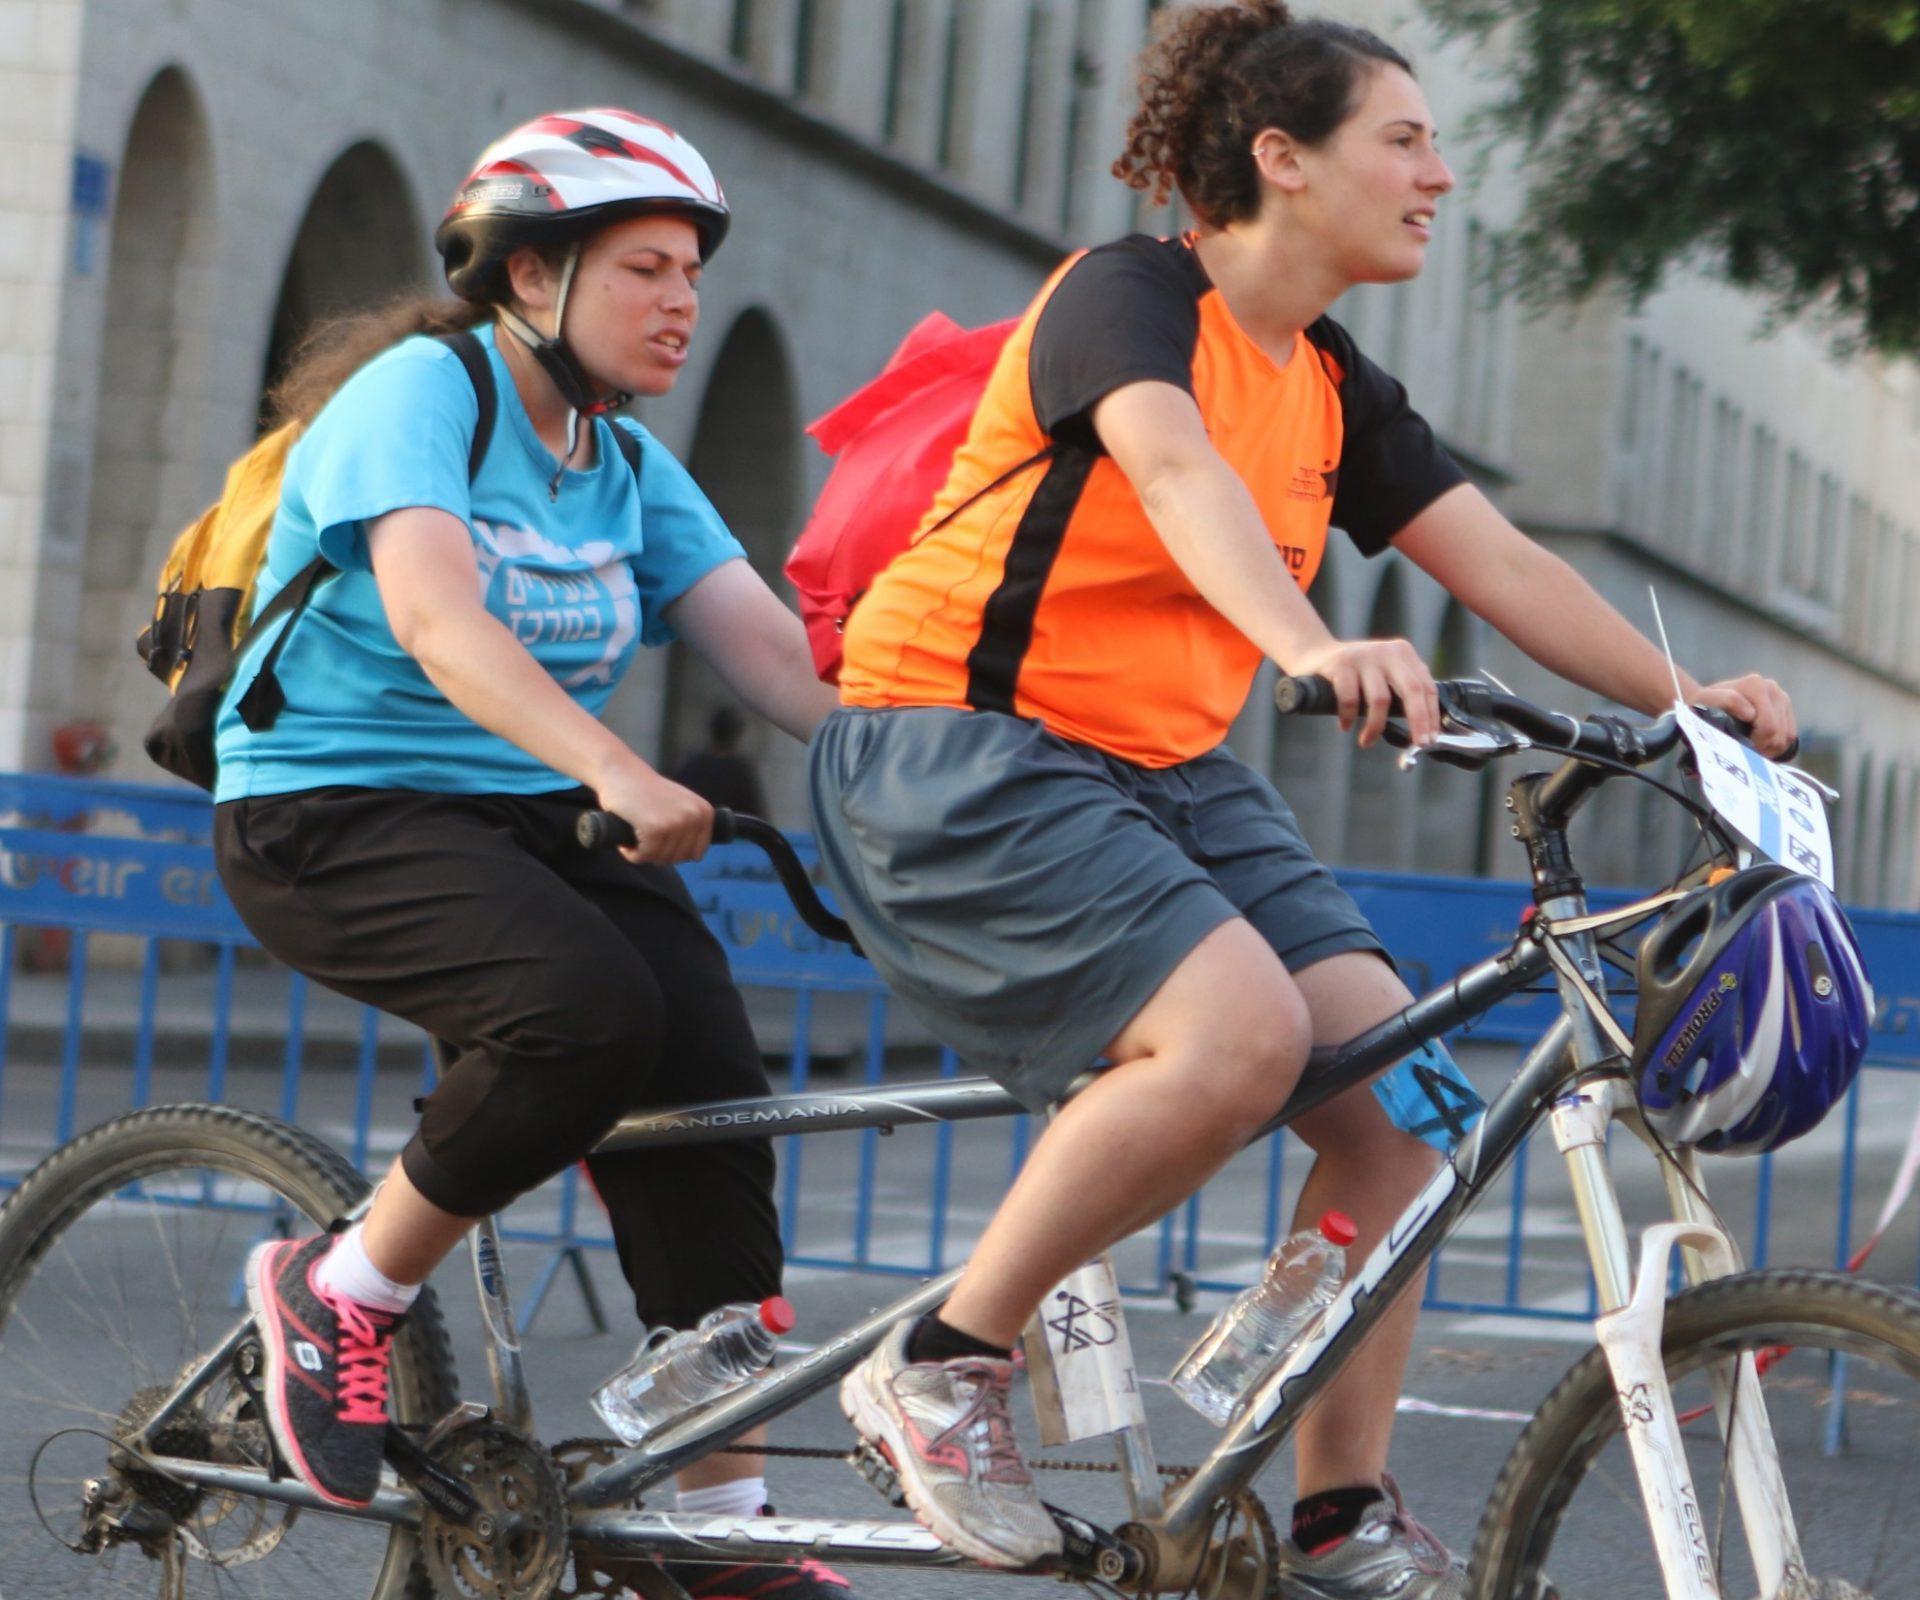 נדחה - אליפות ישראל באופני טנדם